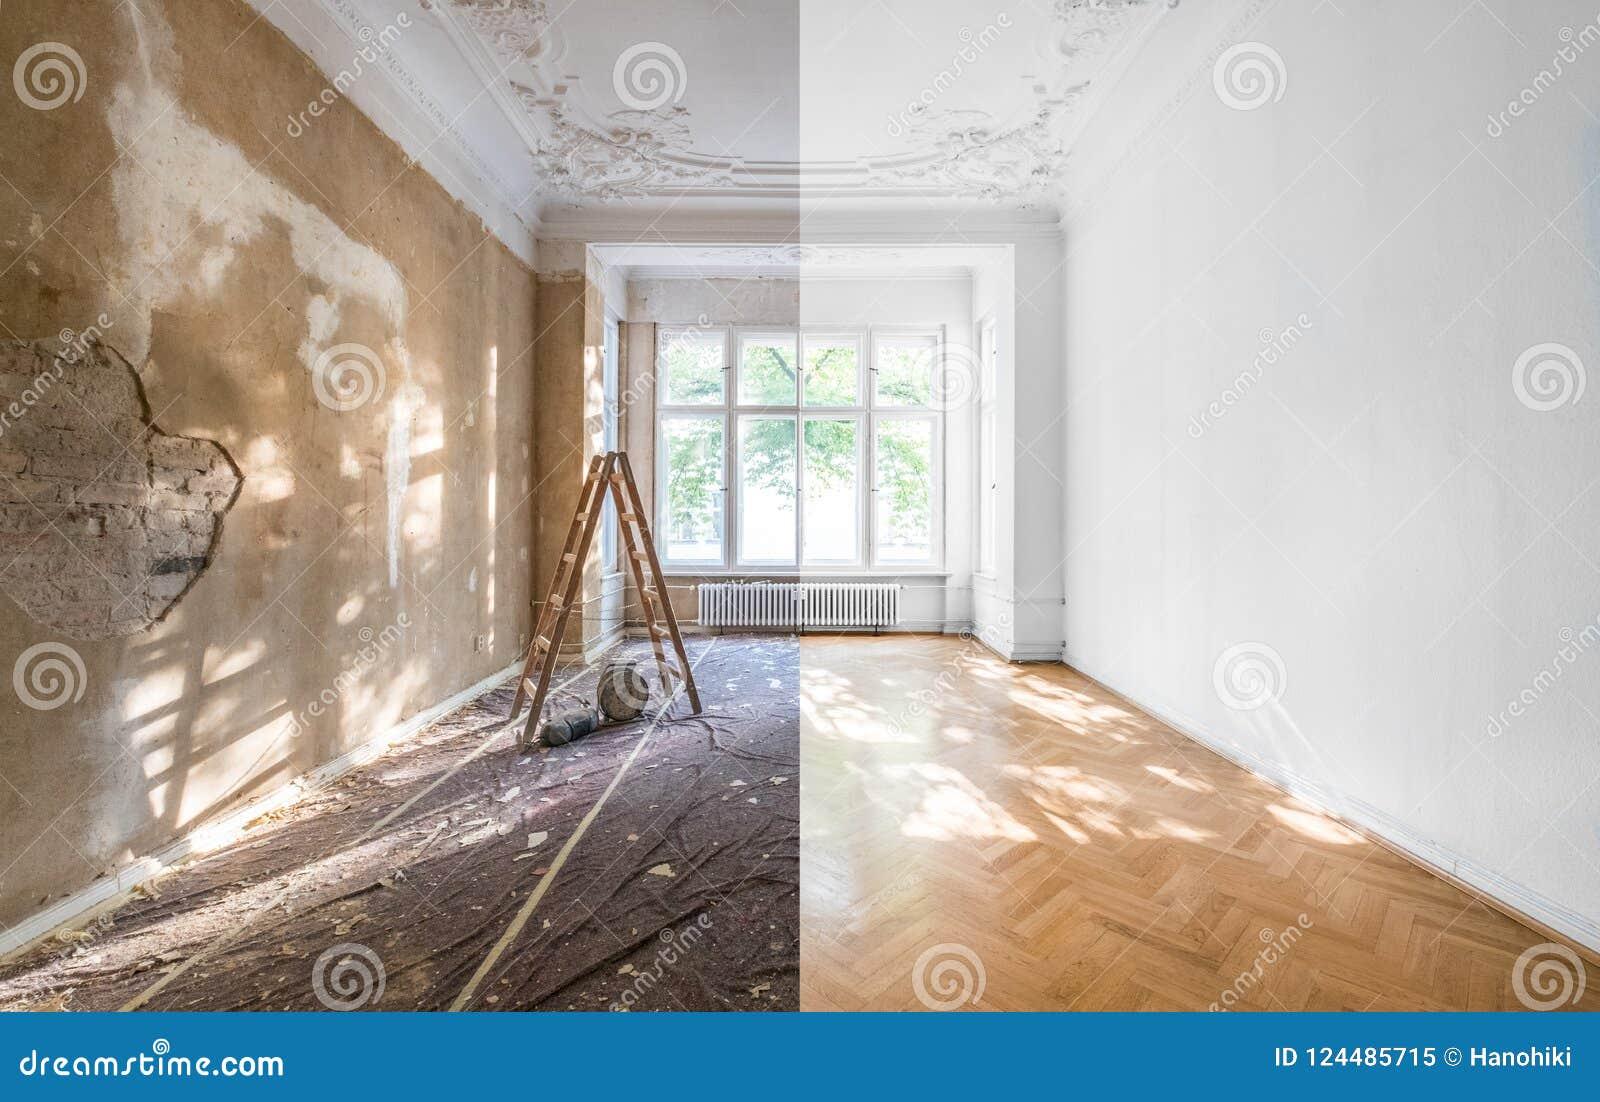 Lägenhetrenovering - töm refurbishmen för rum före och efter